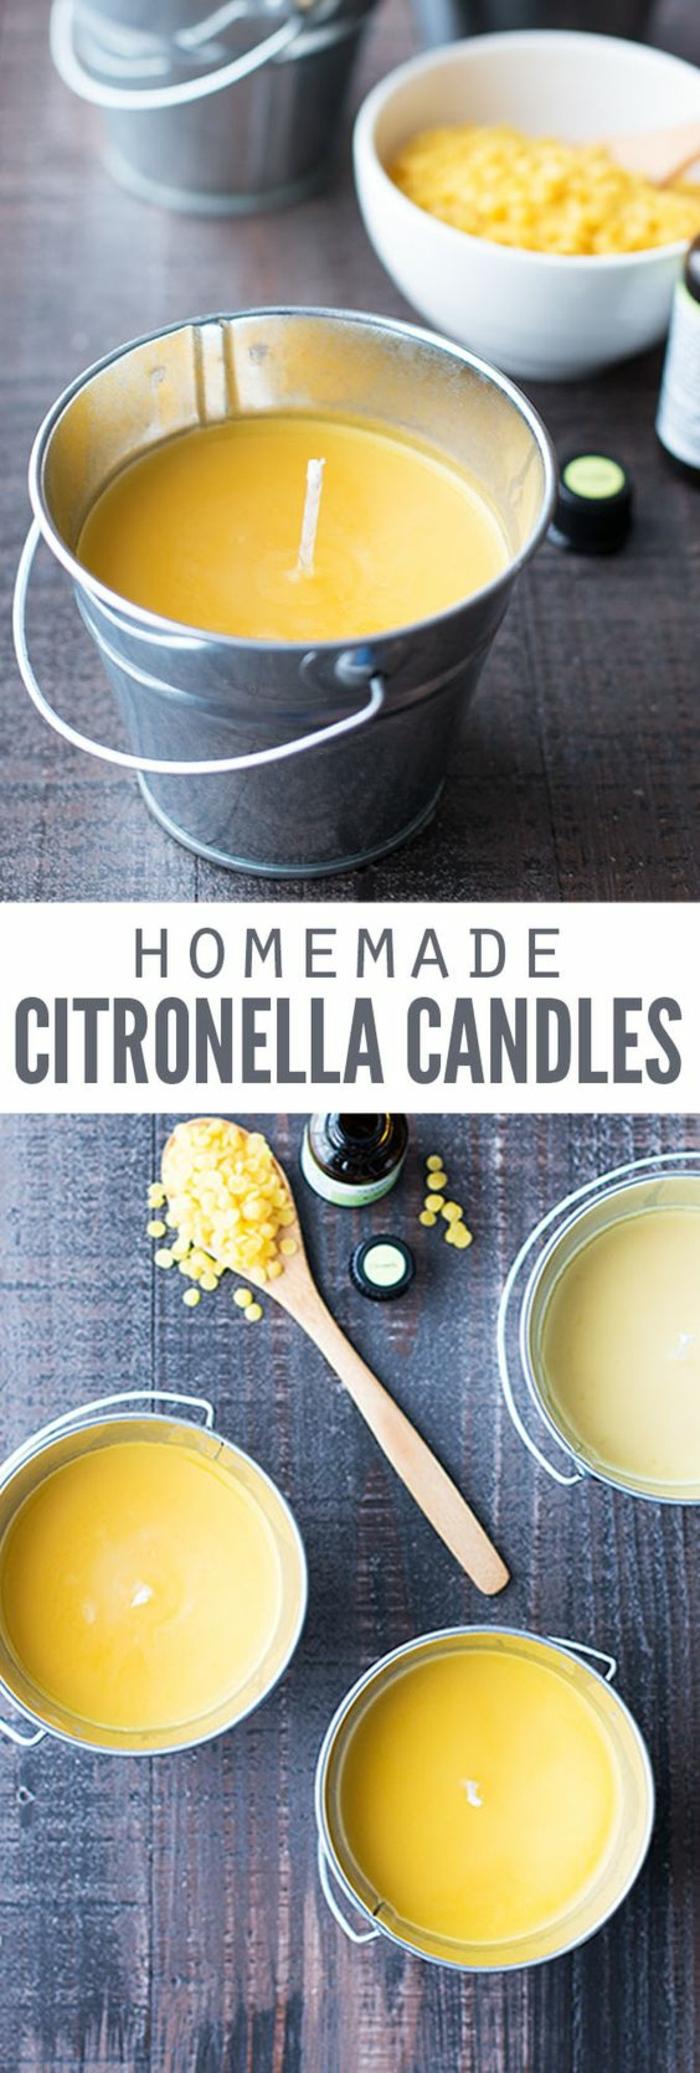 velas hechas con ralladura de naranja, ideas de como hacer velas en casa super originales en fotos